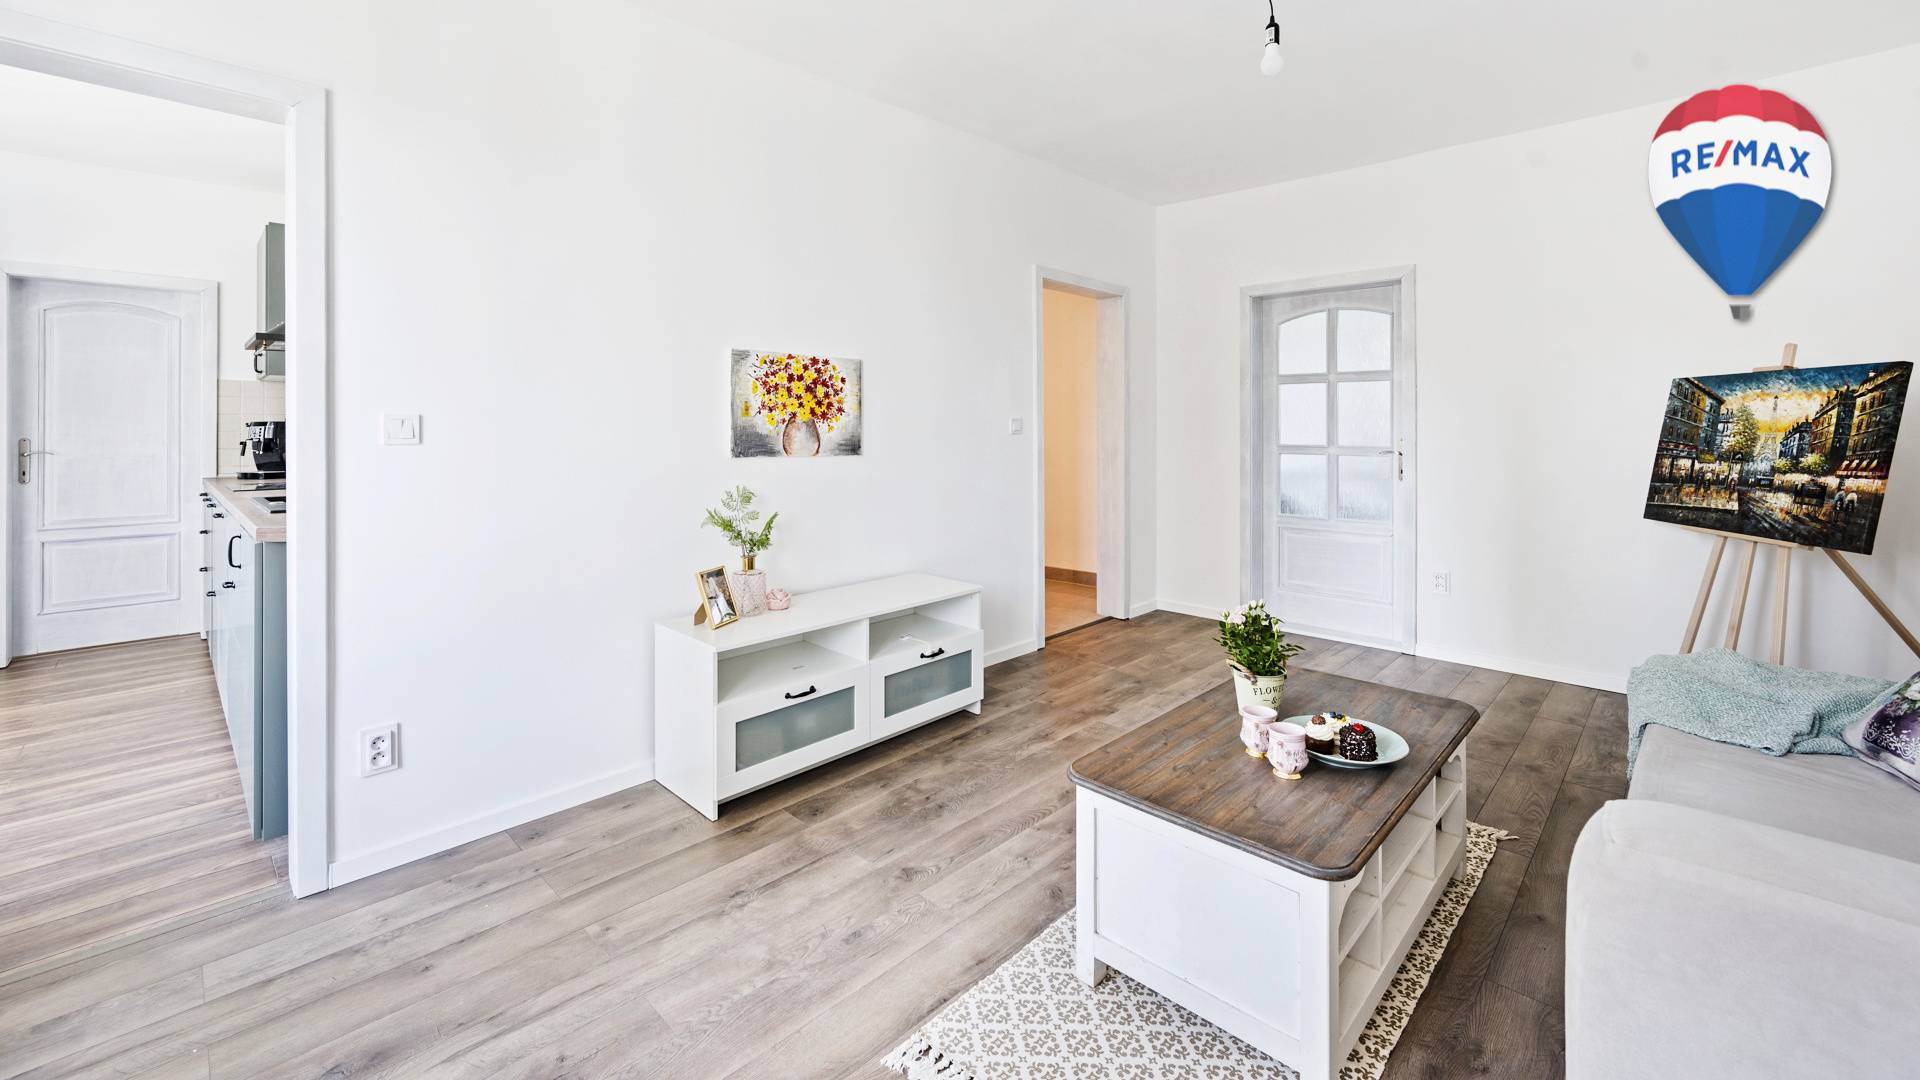 Bývanie pri lesíku - 4izbový zrekonštruovaný byt v Dúbravke